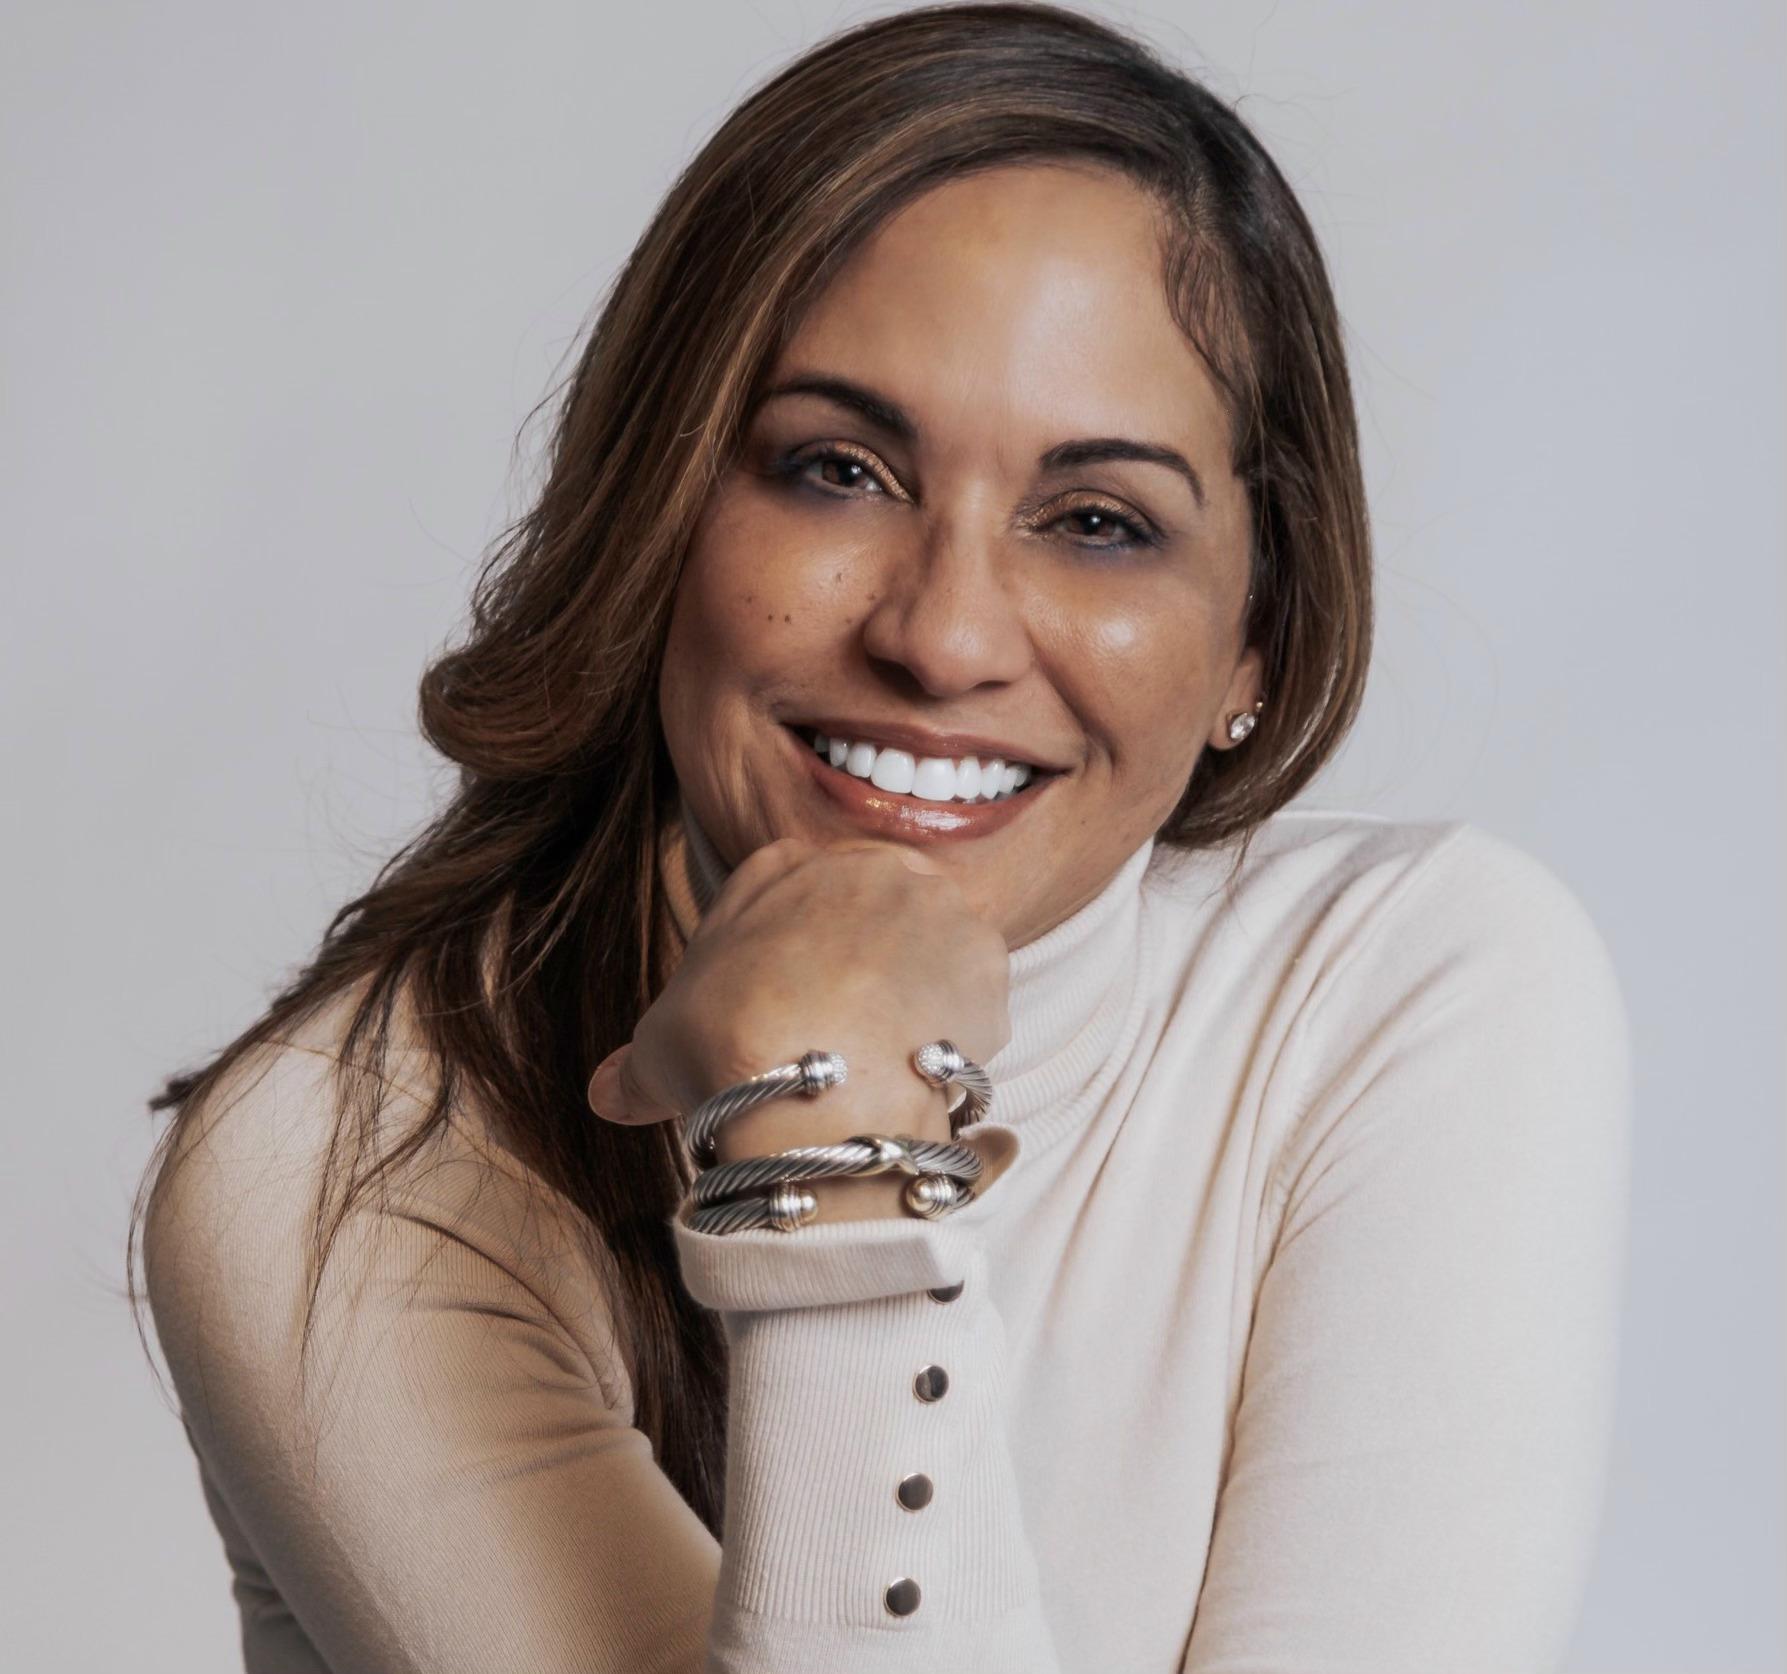 Monique Broussard